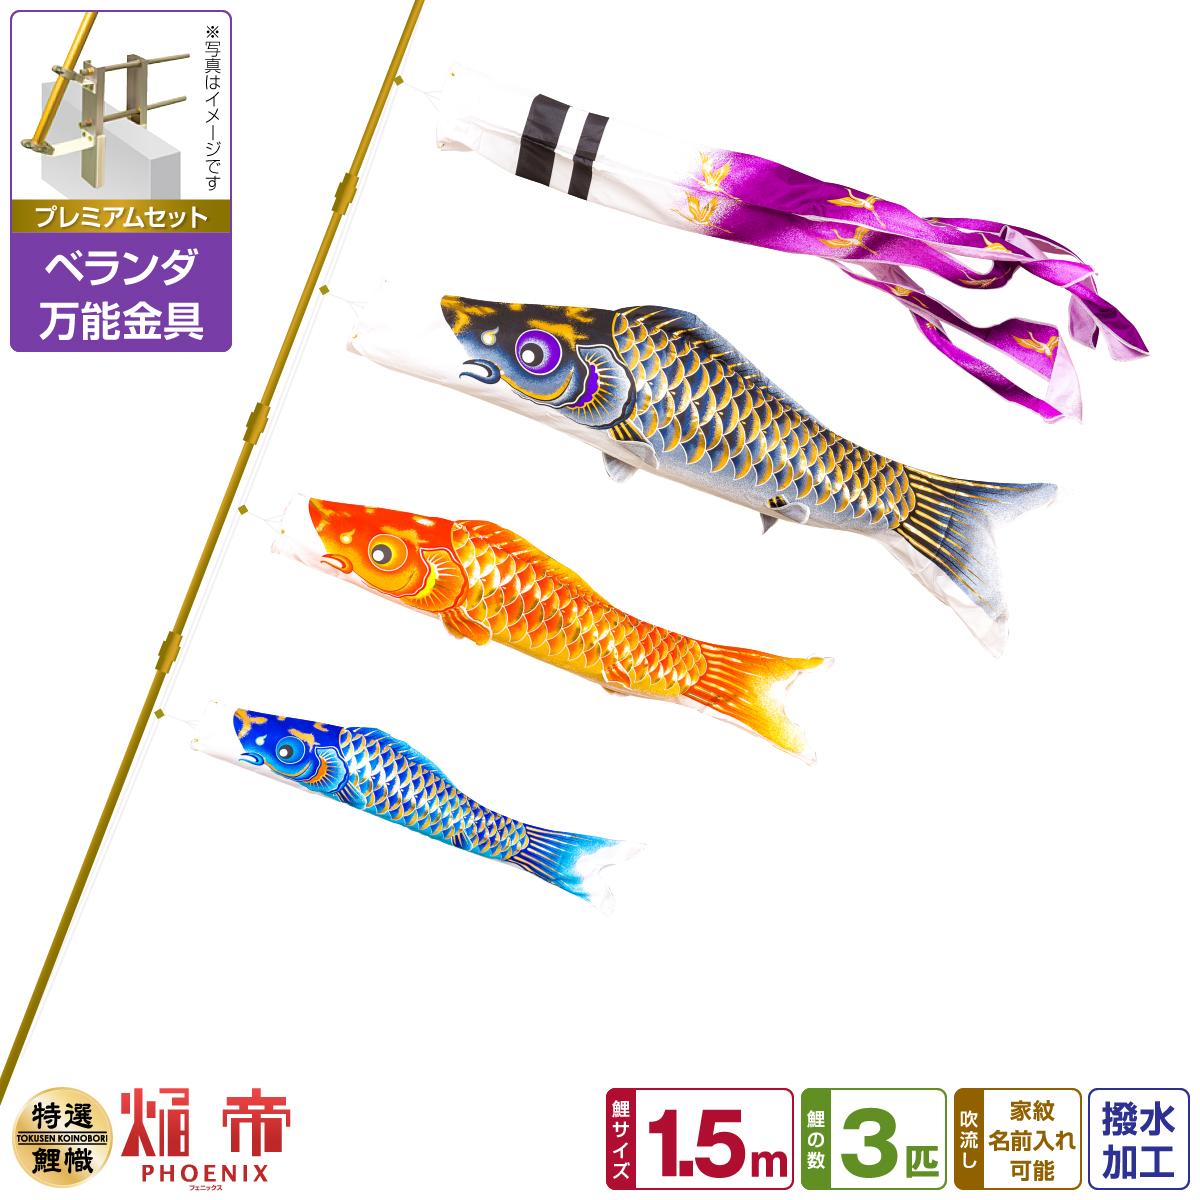 ベランダ用 こいのぼり 鯉のぼり 焔帝鯉フェニックス 1.5m 6点(吹流し+鯉3匹+矢車+ロープ)/プレミアムセット(万能取付金具)